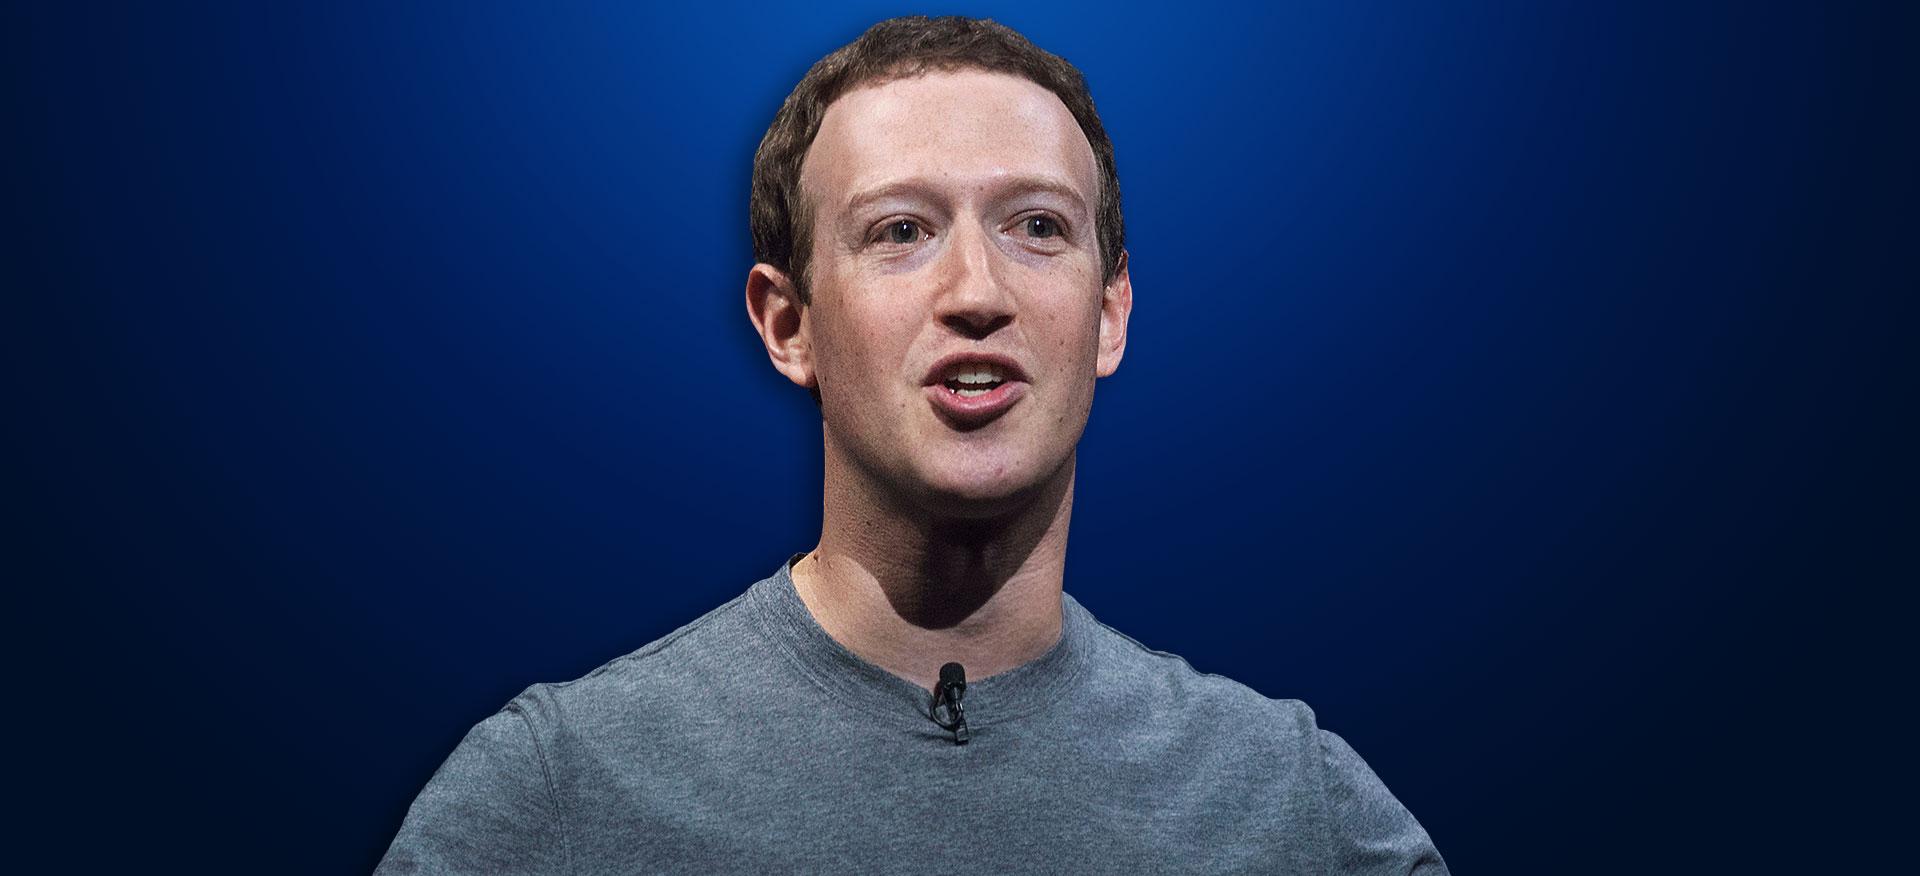 Mark Zuckerberg Tour Schedule